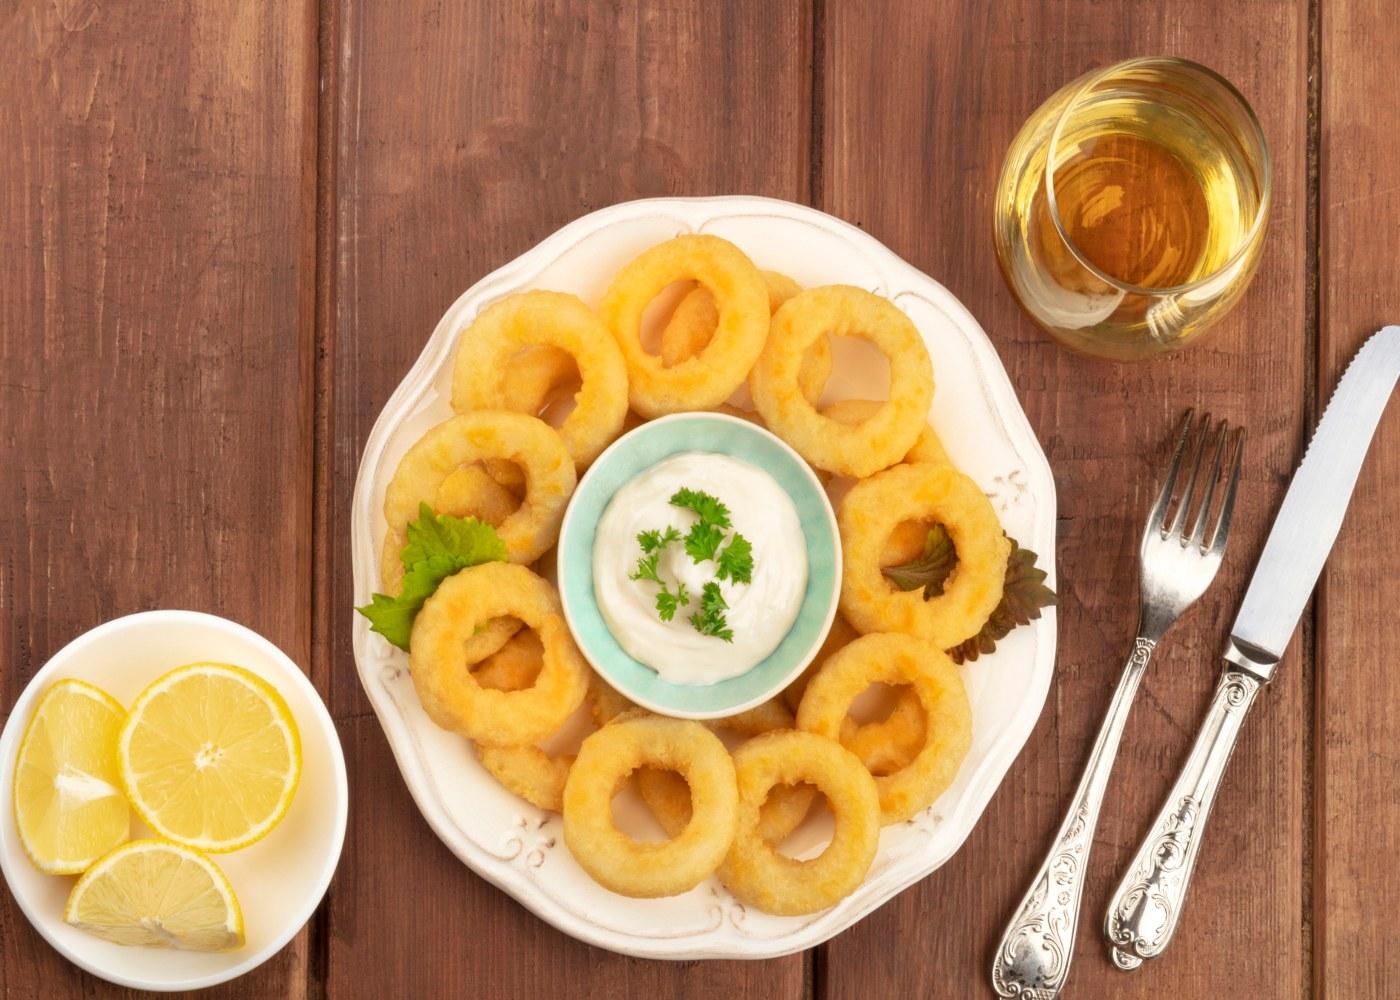 calamares-com-cerveja